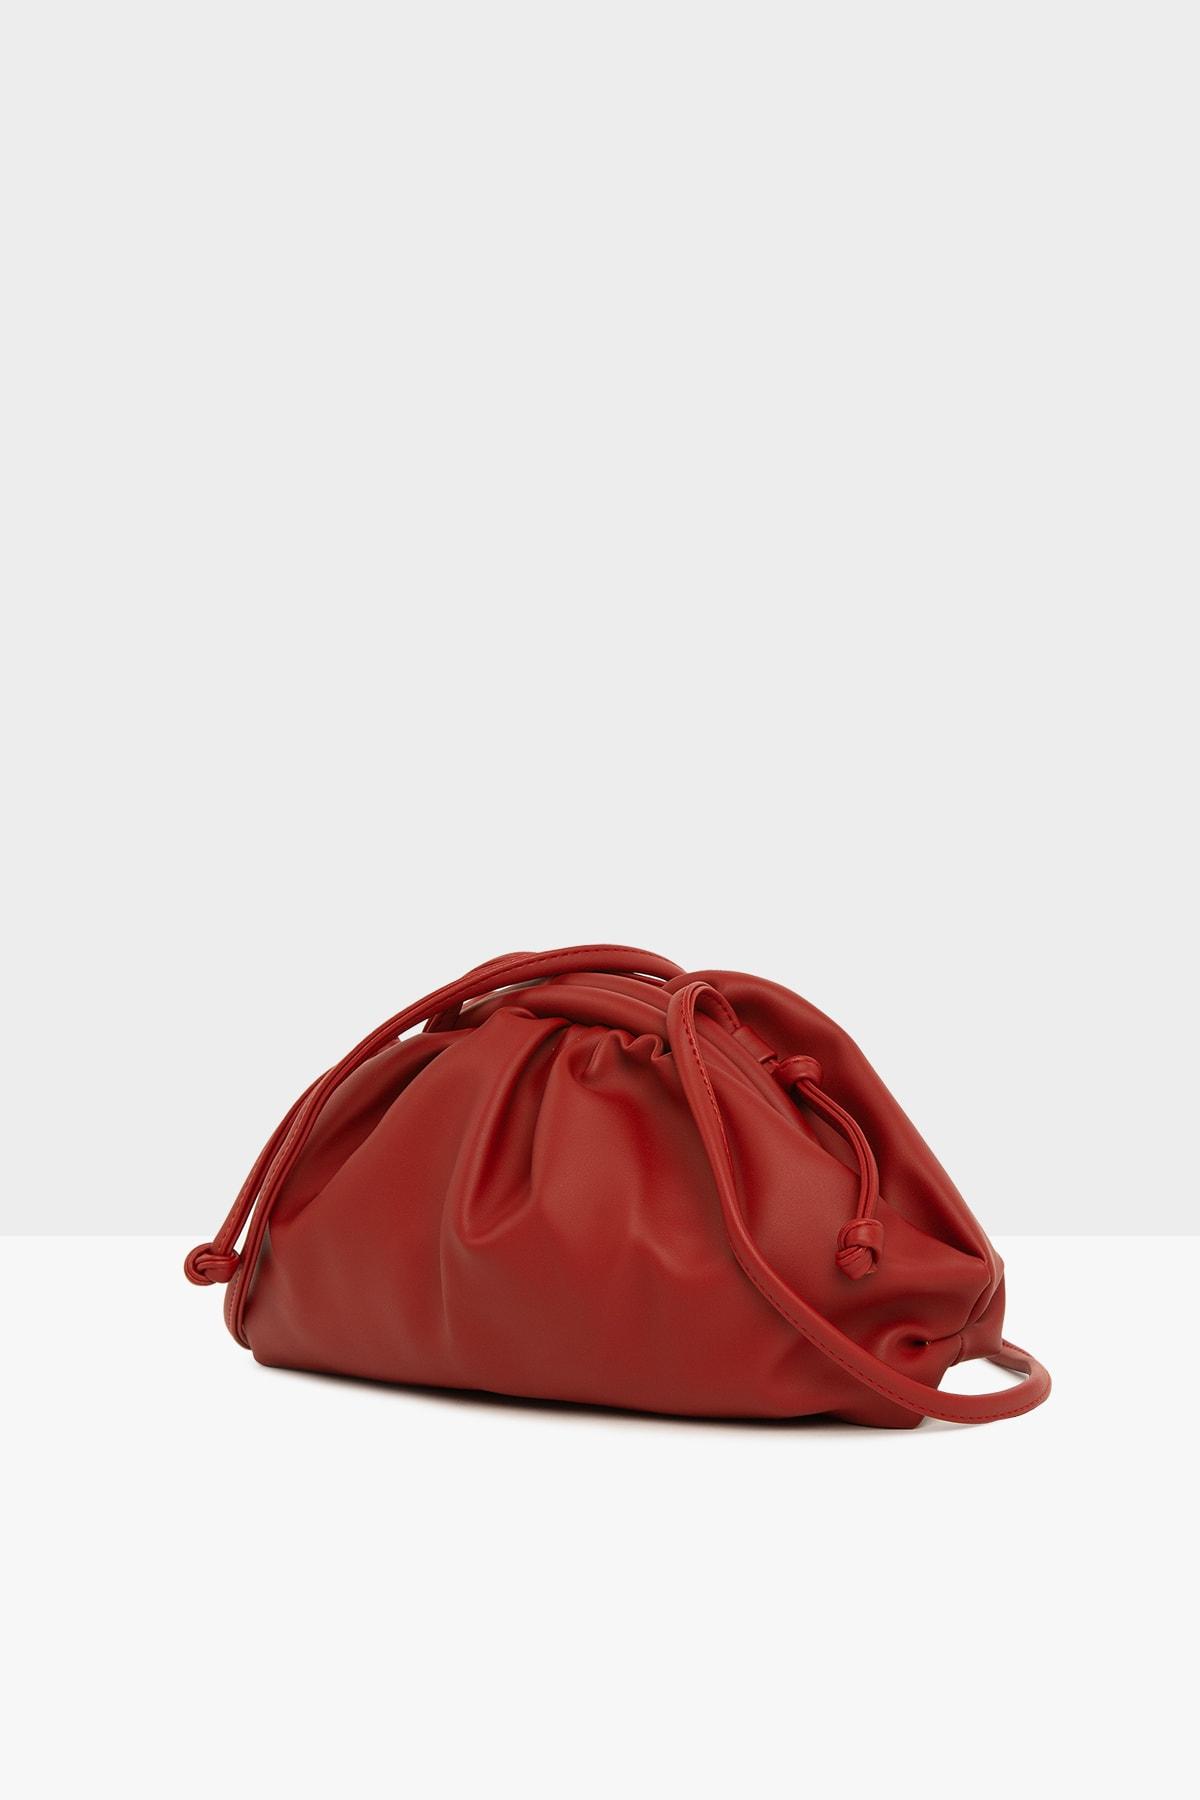 Bagmori Kırmızı Kadın Burslu Küçük Bohça Çanta M000004078 1